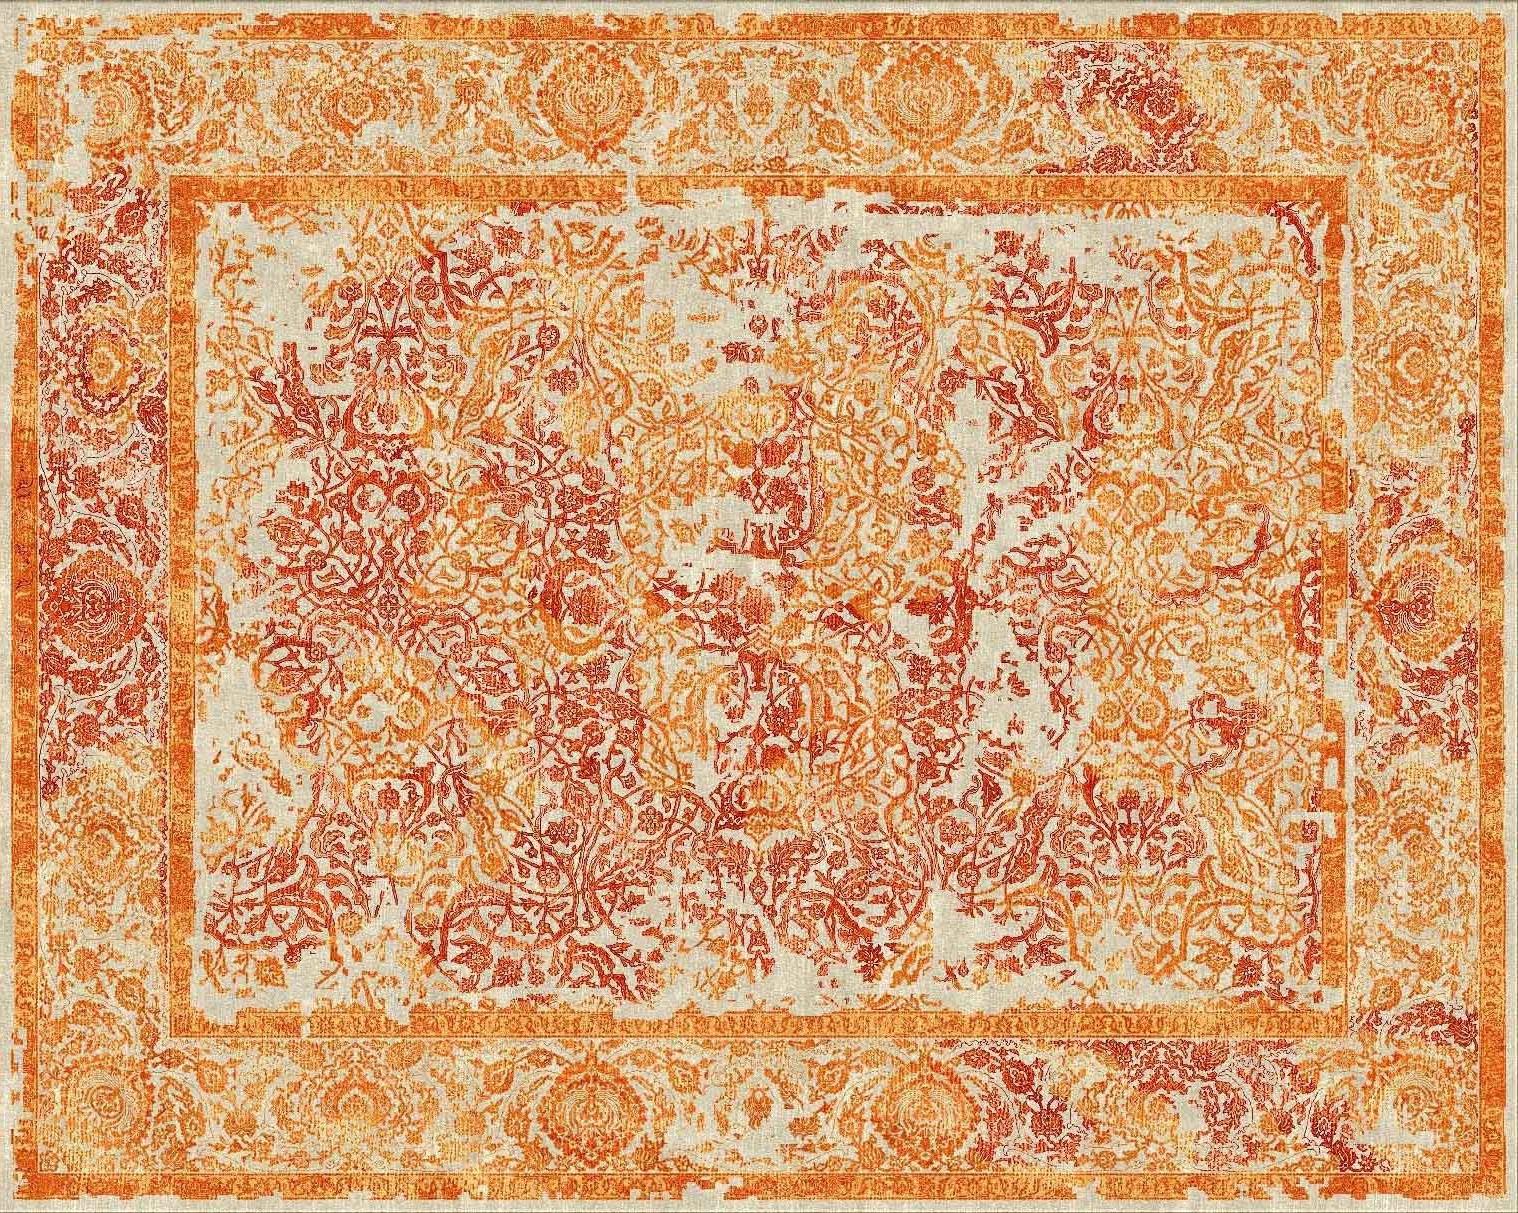 Sara guerrero alfombras a medida alfombras de dise o - Alfombras de bambu a medida ...